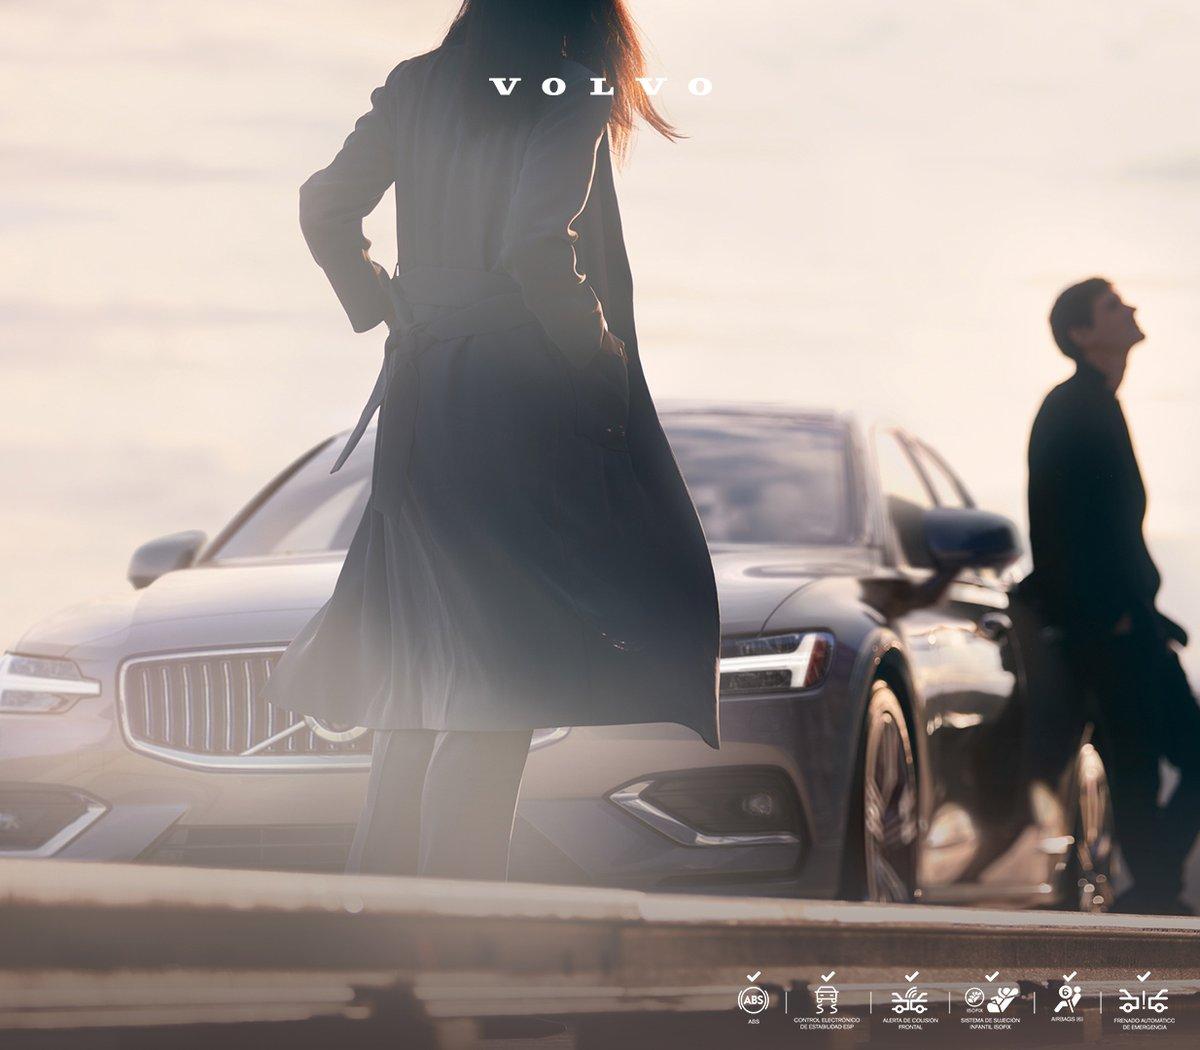 Toma una pausa y disfruta del paisaje con tu compañero de viaje. En carretera, el #VolvoS60  te protegerá  para llegar a salvo a tu destino, gracias a décadas de innovación en seguridad. #TuFuturoNuestroCamino